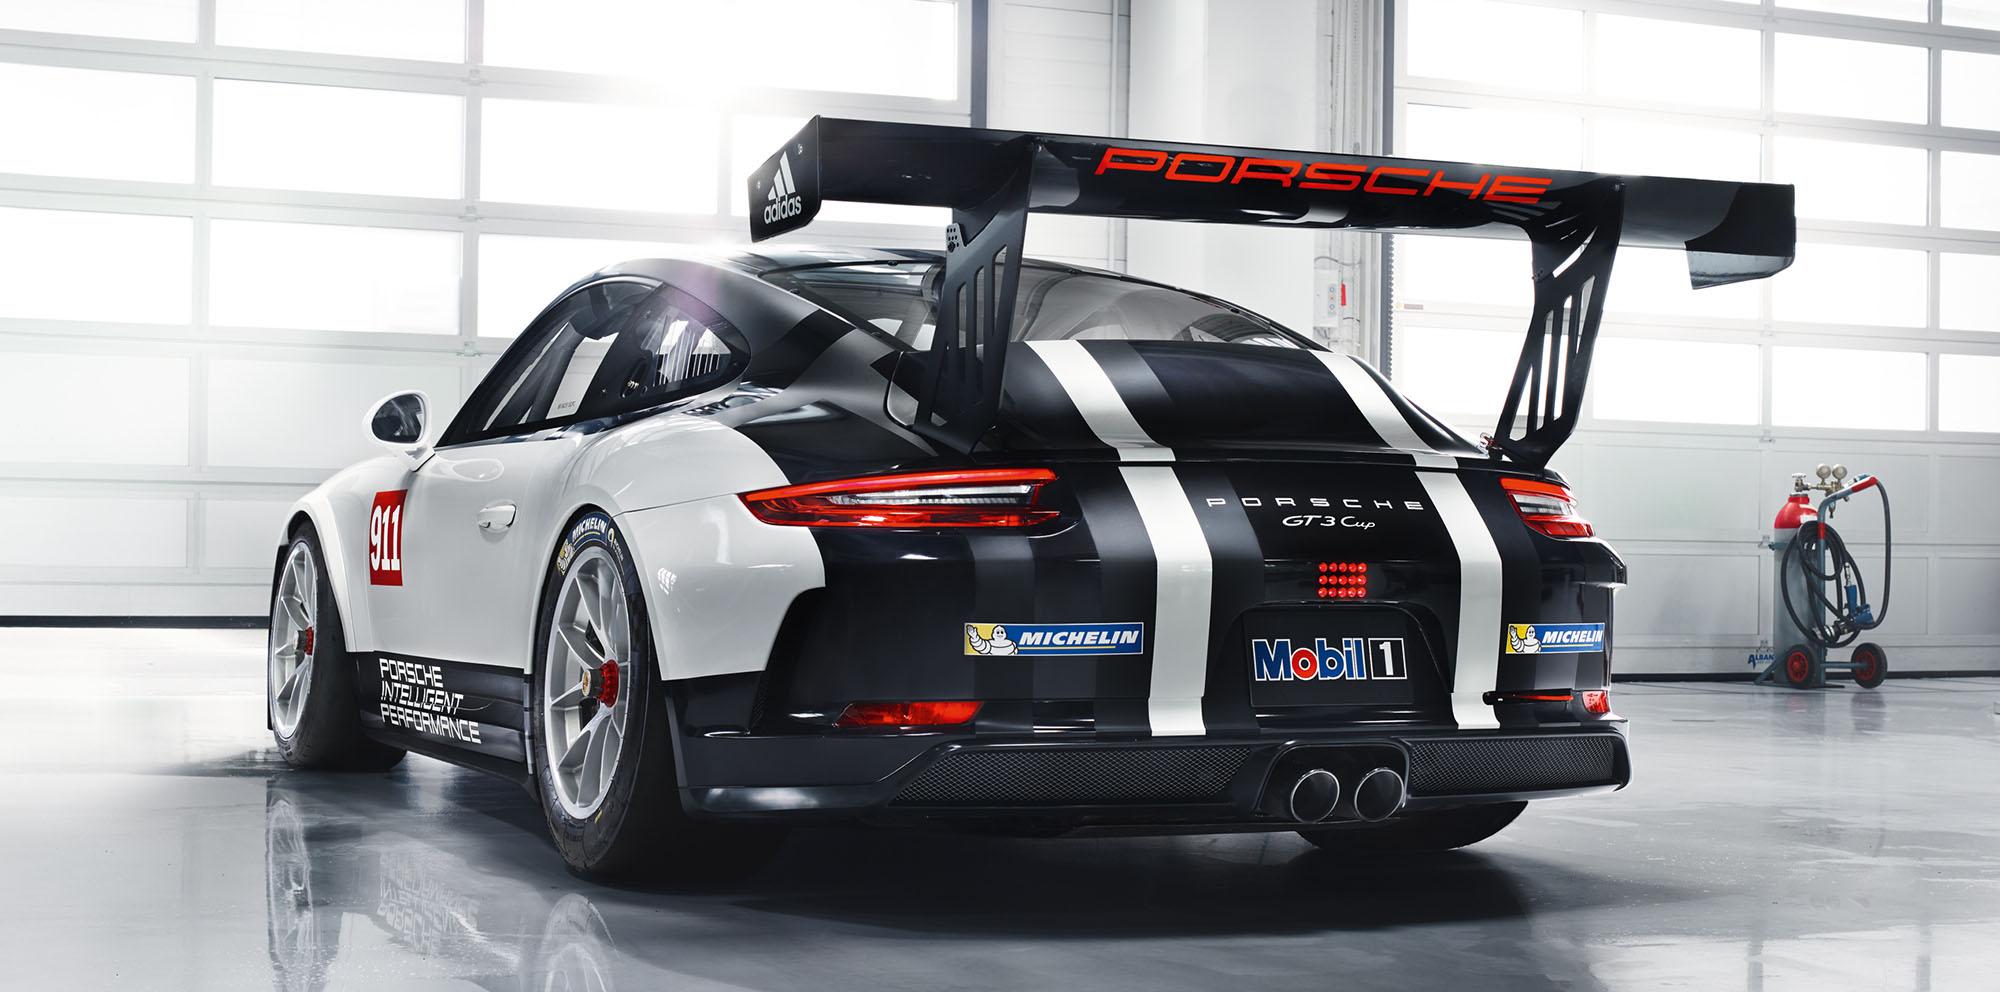 2017 Porsche 911 Gt3 Cup Race Car Unveiled Photos 1 Of 6